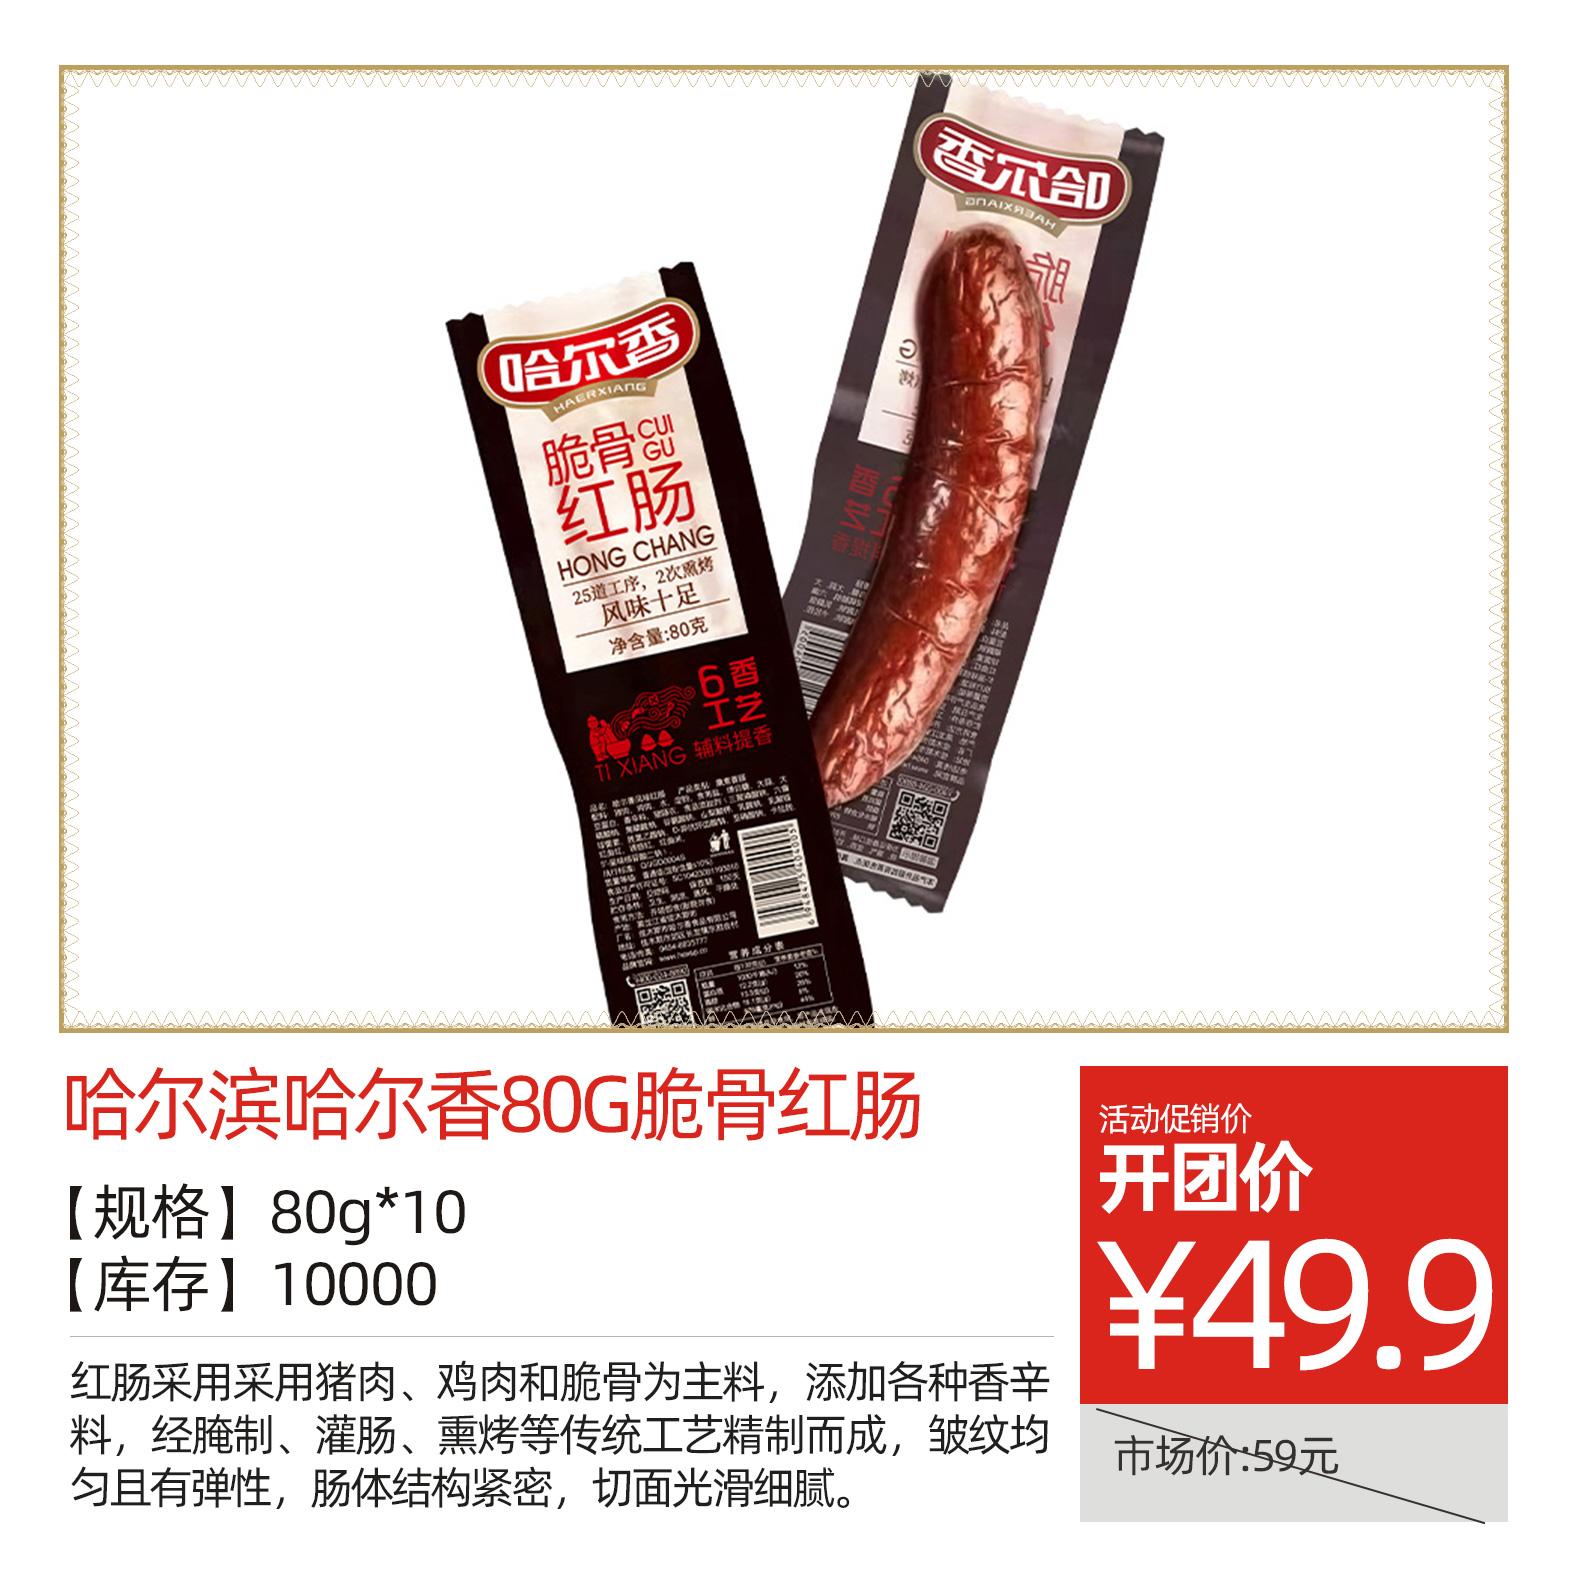 哈尔滨哈尔香80g脆骨红肠